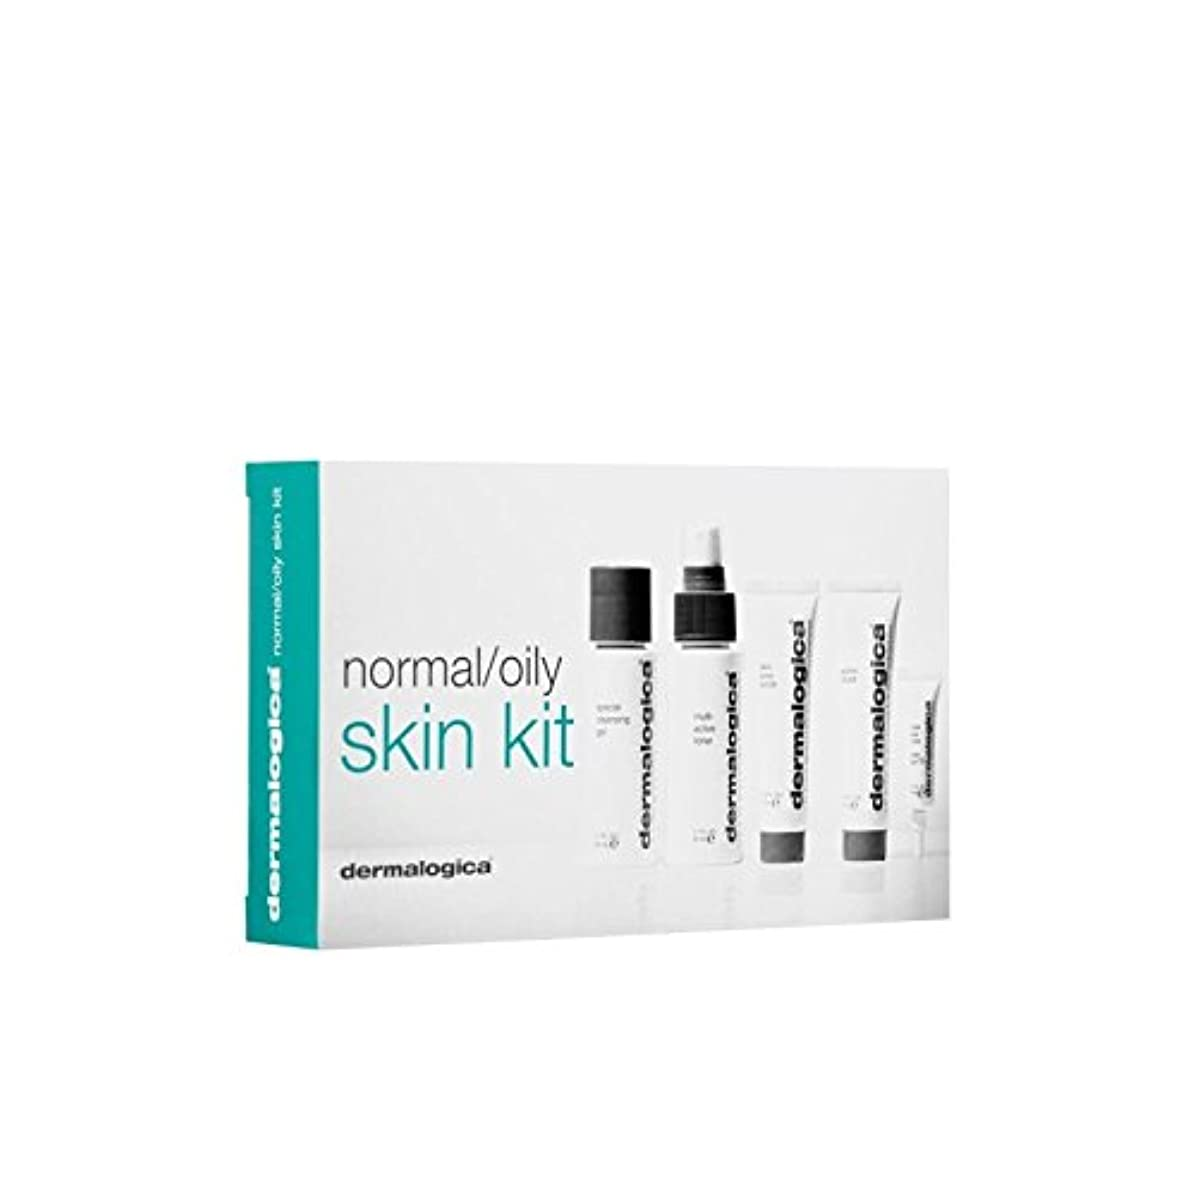 貝殻刺激する褐色ダーマロジカスキンキット - ノーマル/オイリー(5製品) x2 - Dermalogica Skin Kit - Normal/Oily (5 Products) (Pack of 2) [並行輸入品]